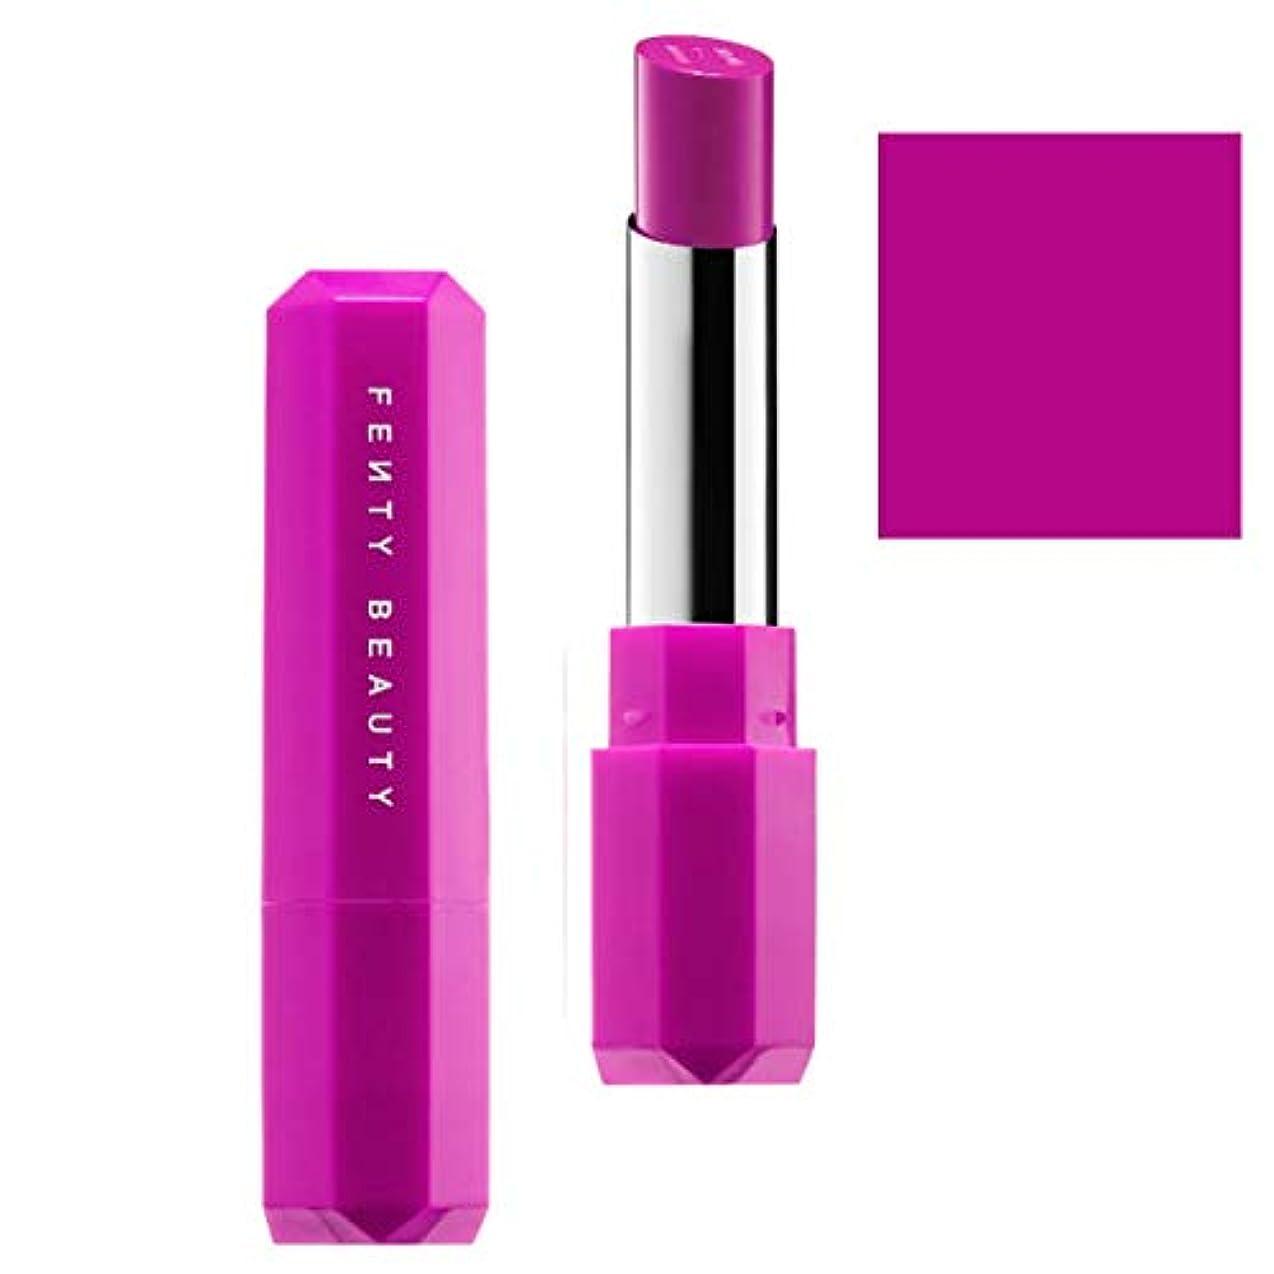 バズ探す素晴らしい良い多くのFENTY BEAUTY BY RIHANNA,New!!, 限定版 limited-edition, Poutsicle Juicy Satin Lipstick - Purpcicle [海外直送品] [並行輸入品]